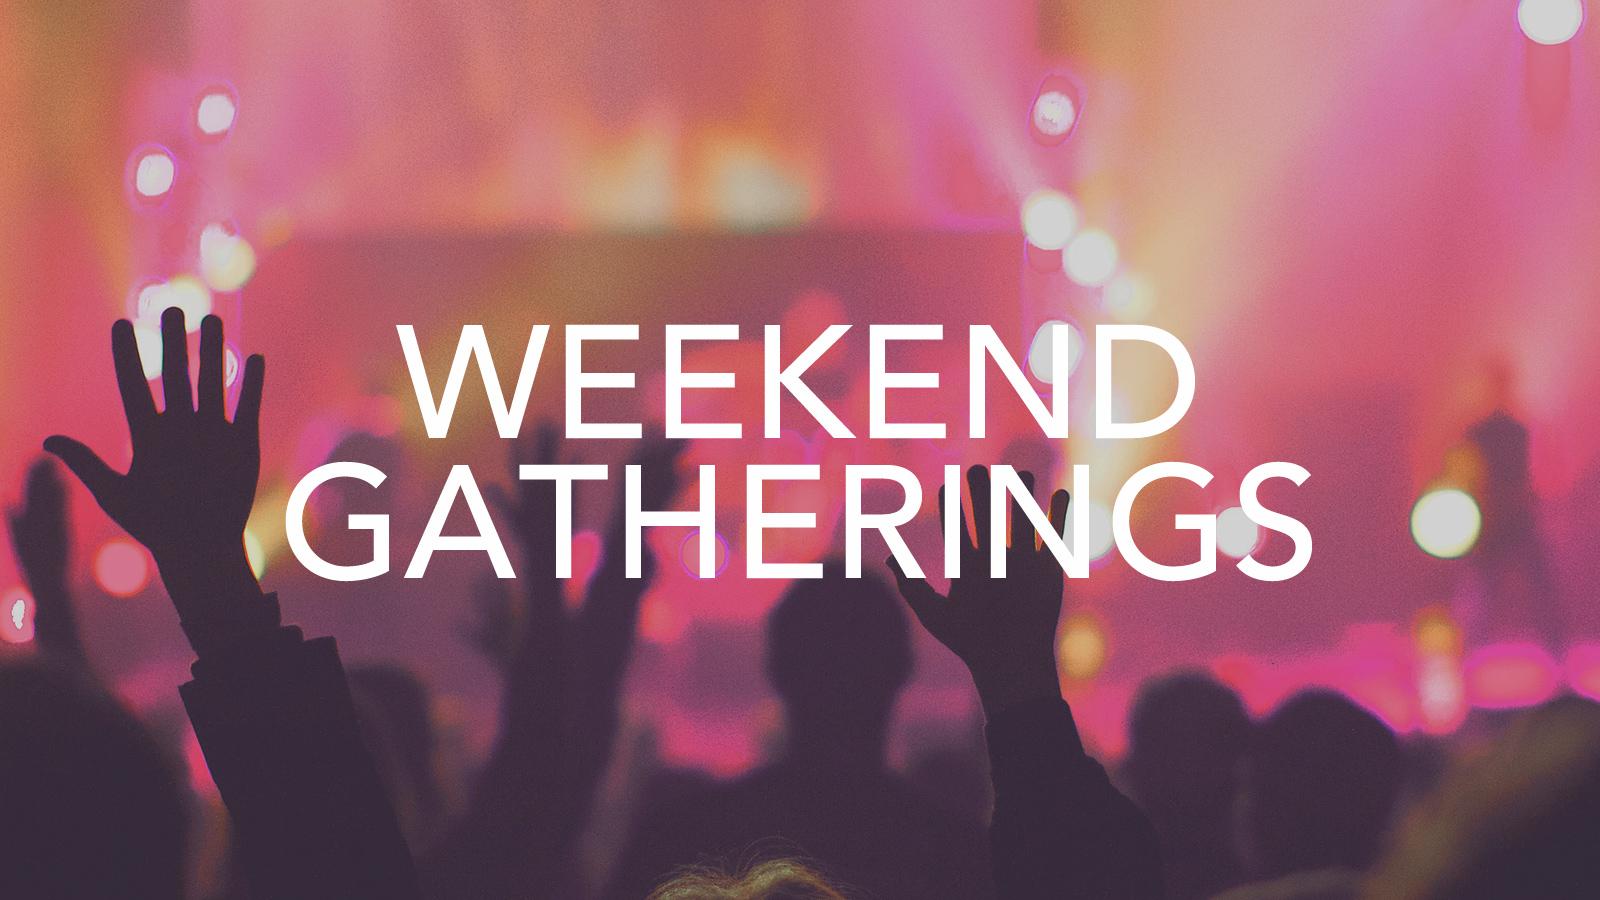 Weekend-Gatherings2.jpg